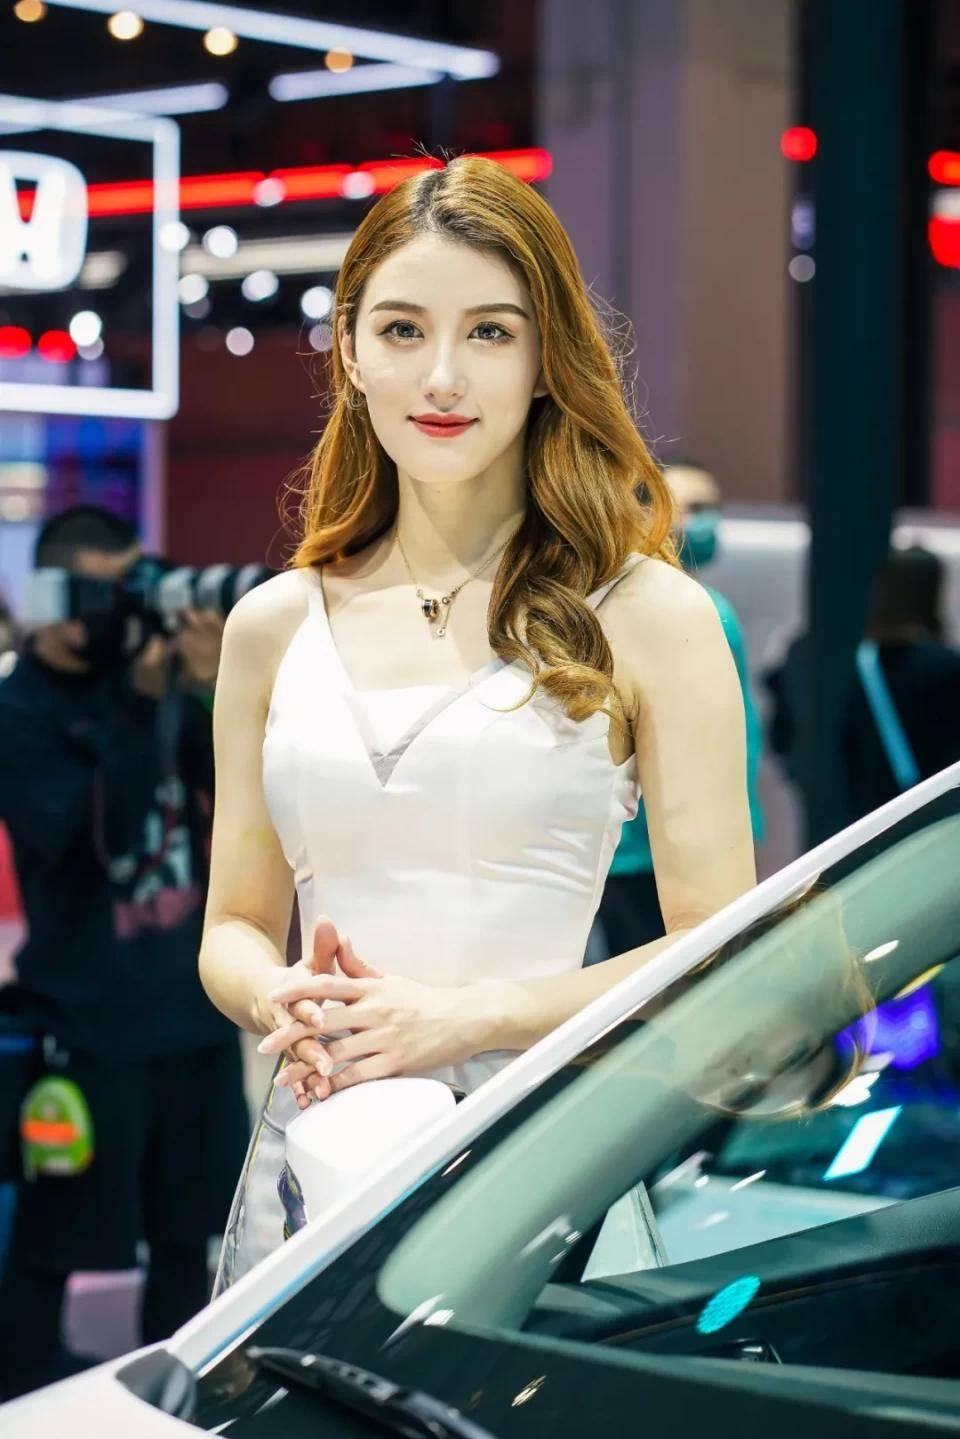 图赏:上海车展上的车模小姐姐们(图21)